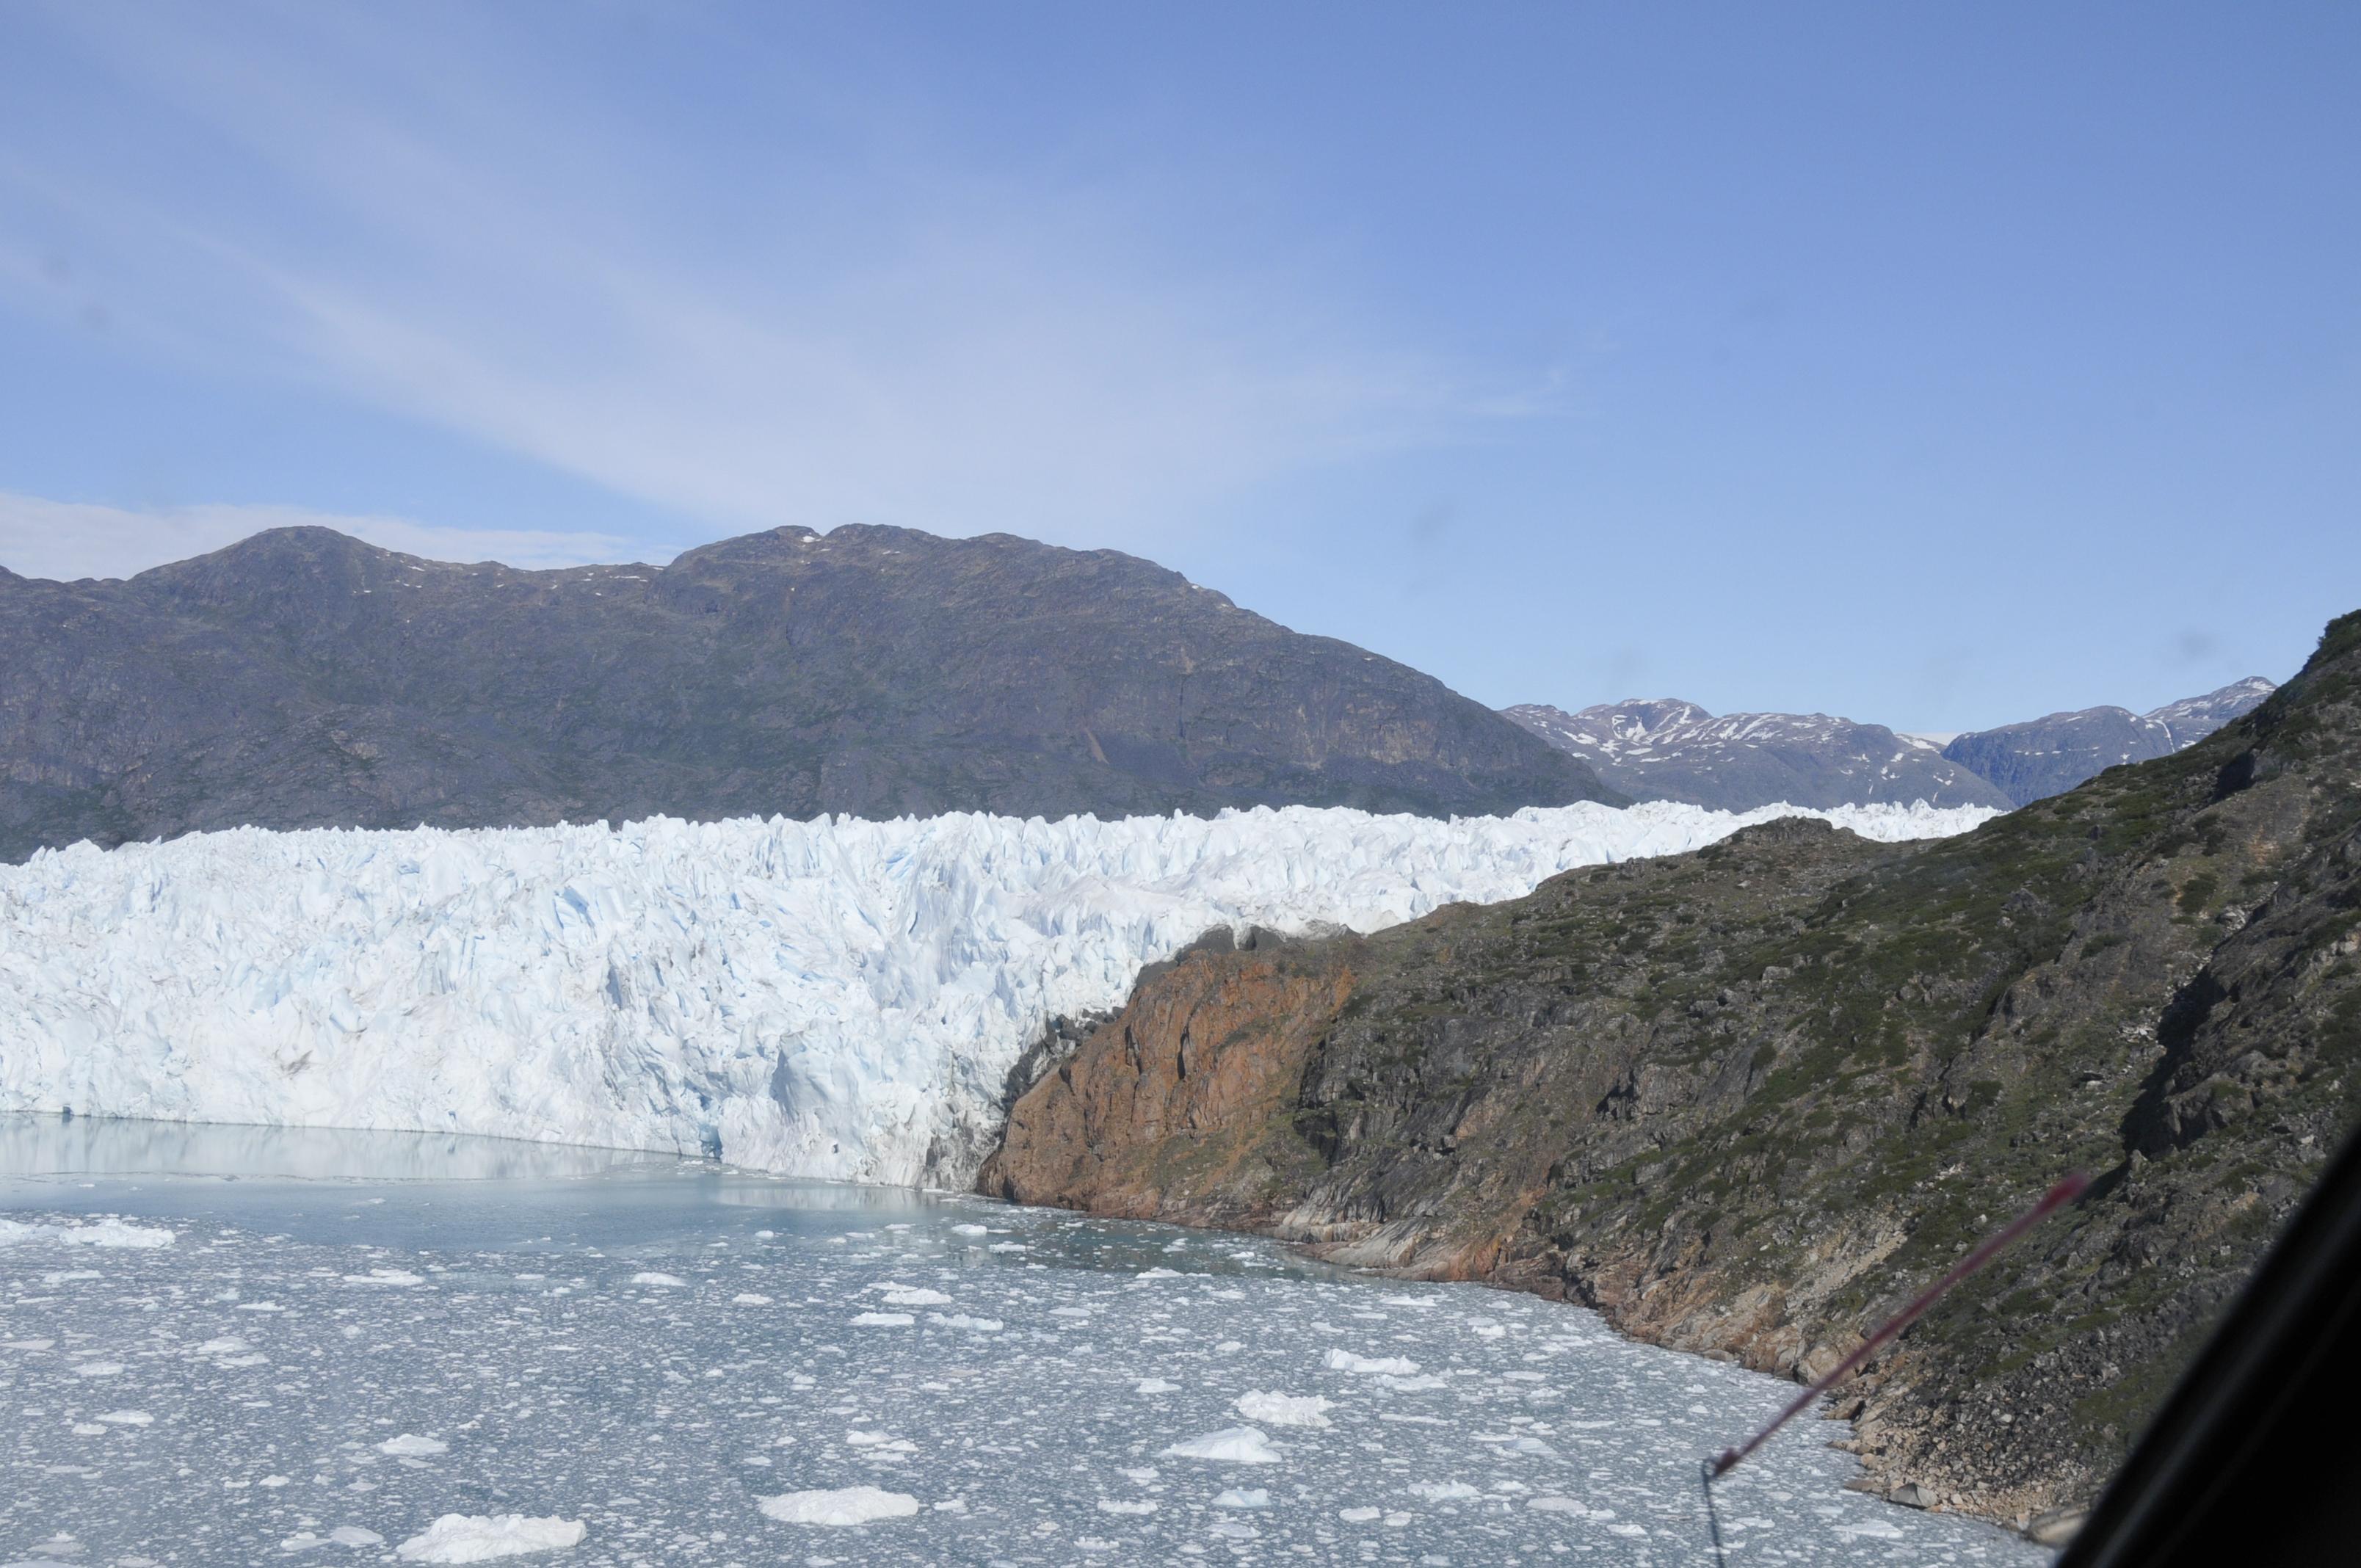 Fantastische Ausblicke auf den Gletscher bei einem Hubschrauberrundflug in Südgrönland